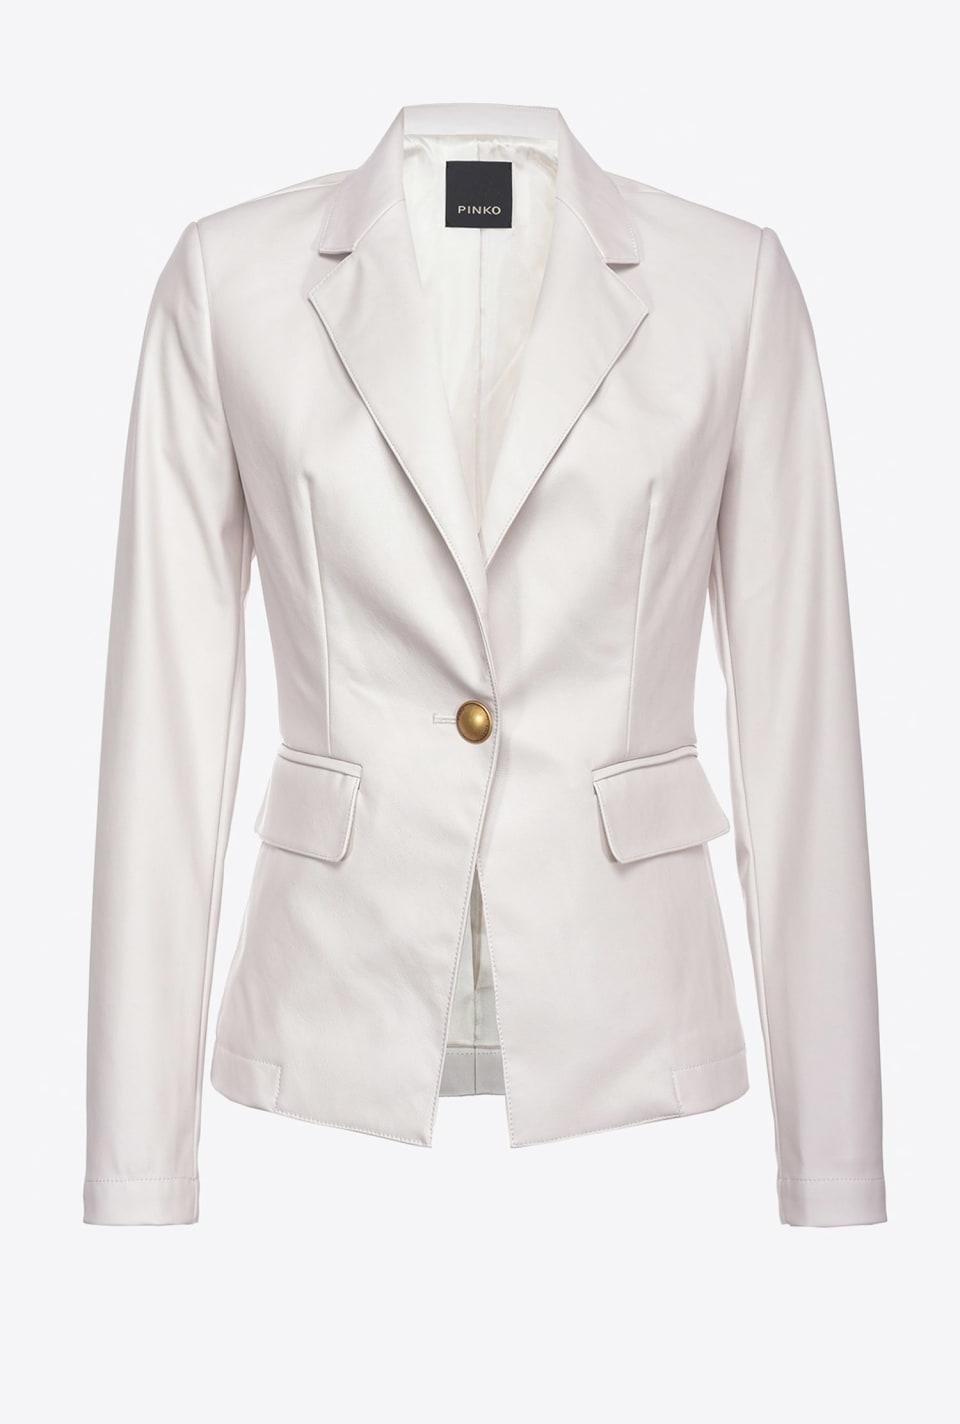 皮革效果西装外套 - Pinko